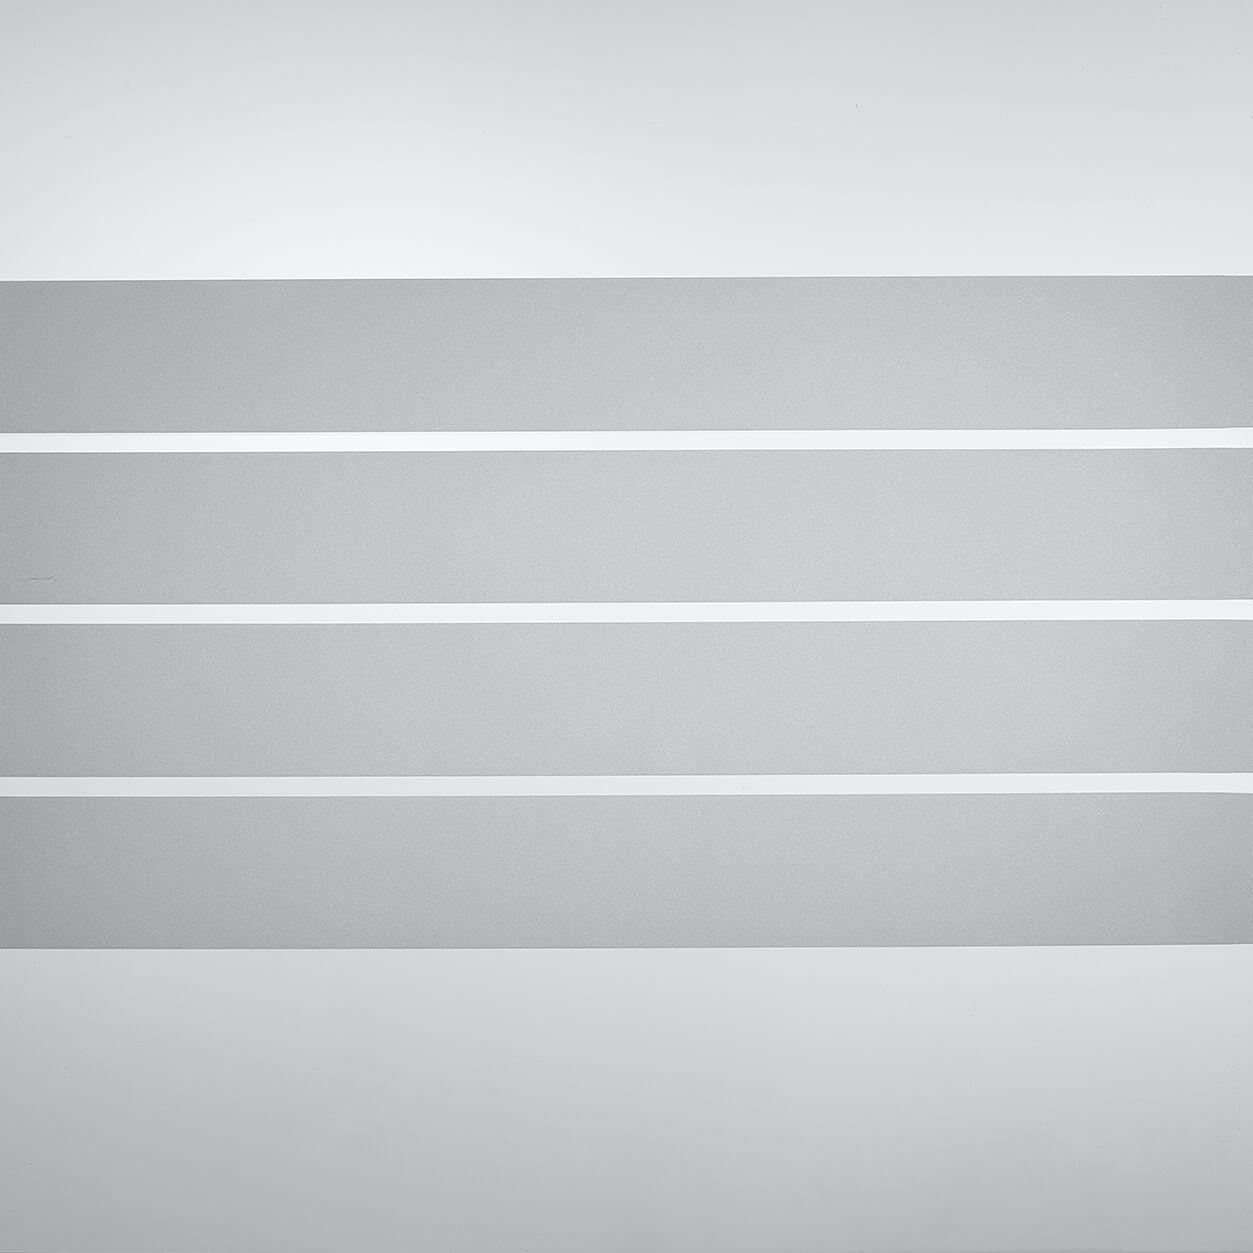 serigrafia-standard-vsh-largo